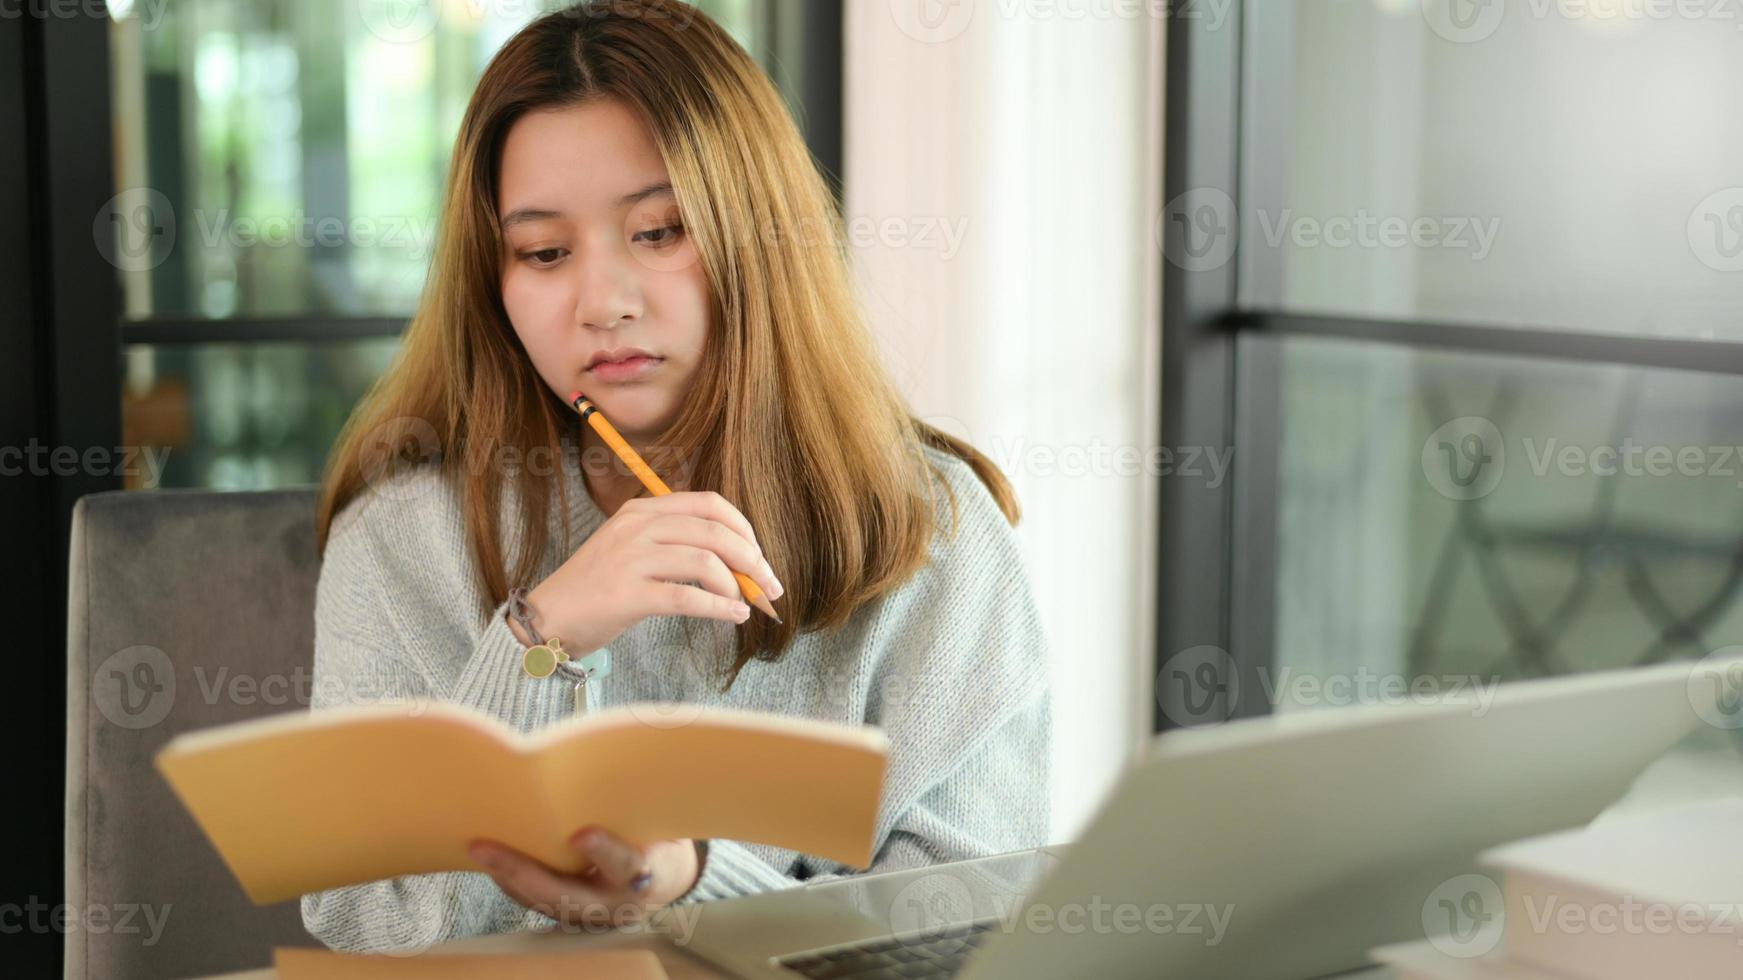 tonårskvinna som håller penna och anteckningsbok allvarlig gest med bärbar dator. foto